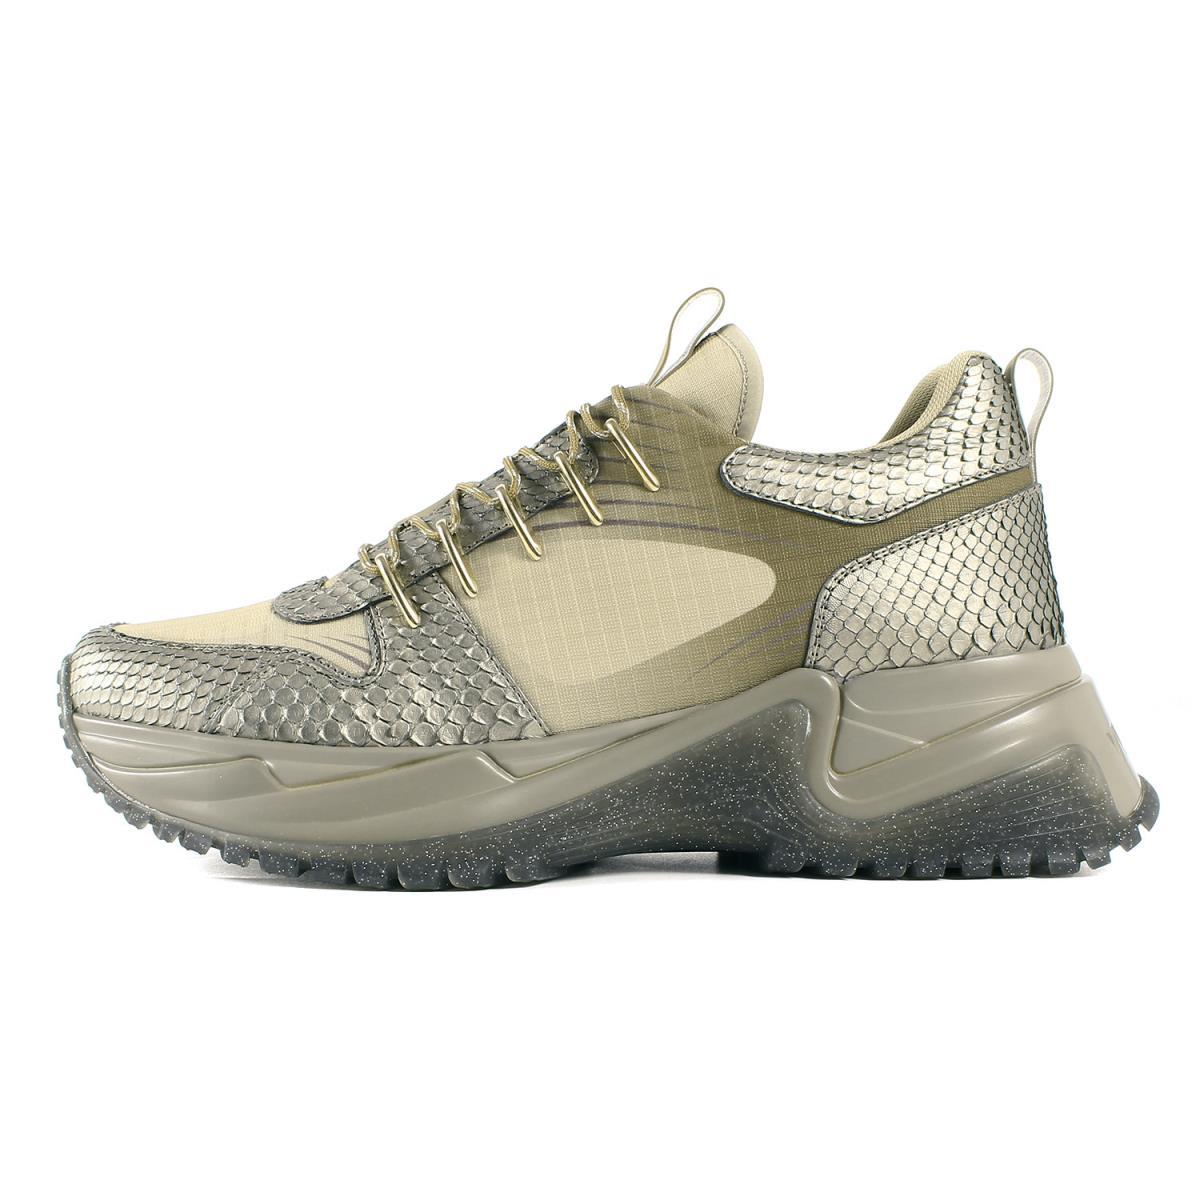 メンズ靴, スニーカー LOUIS VUITTON 18AW 9 K2957